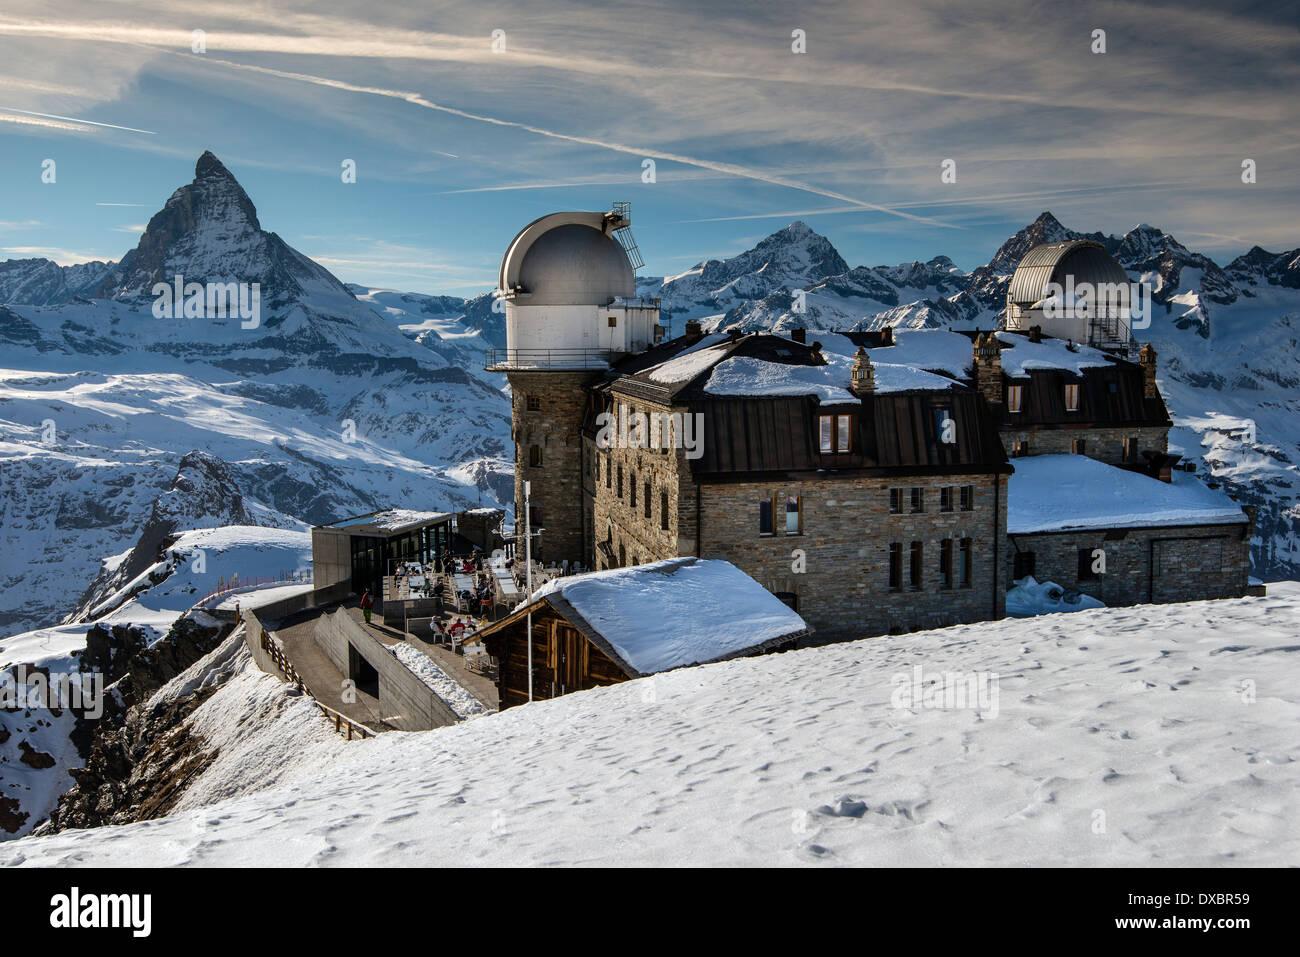 Gornergrat osservatorio astronomico con il Cervino dietro, zermatt wallis o il Vallese, Svizzera Immagini Stock